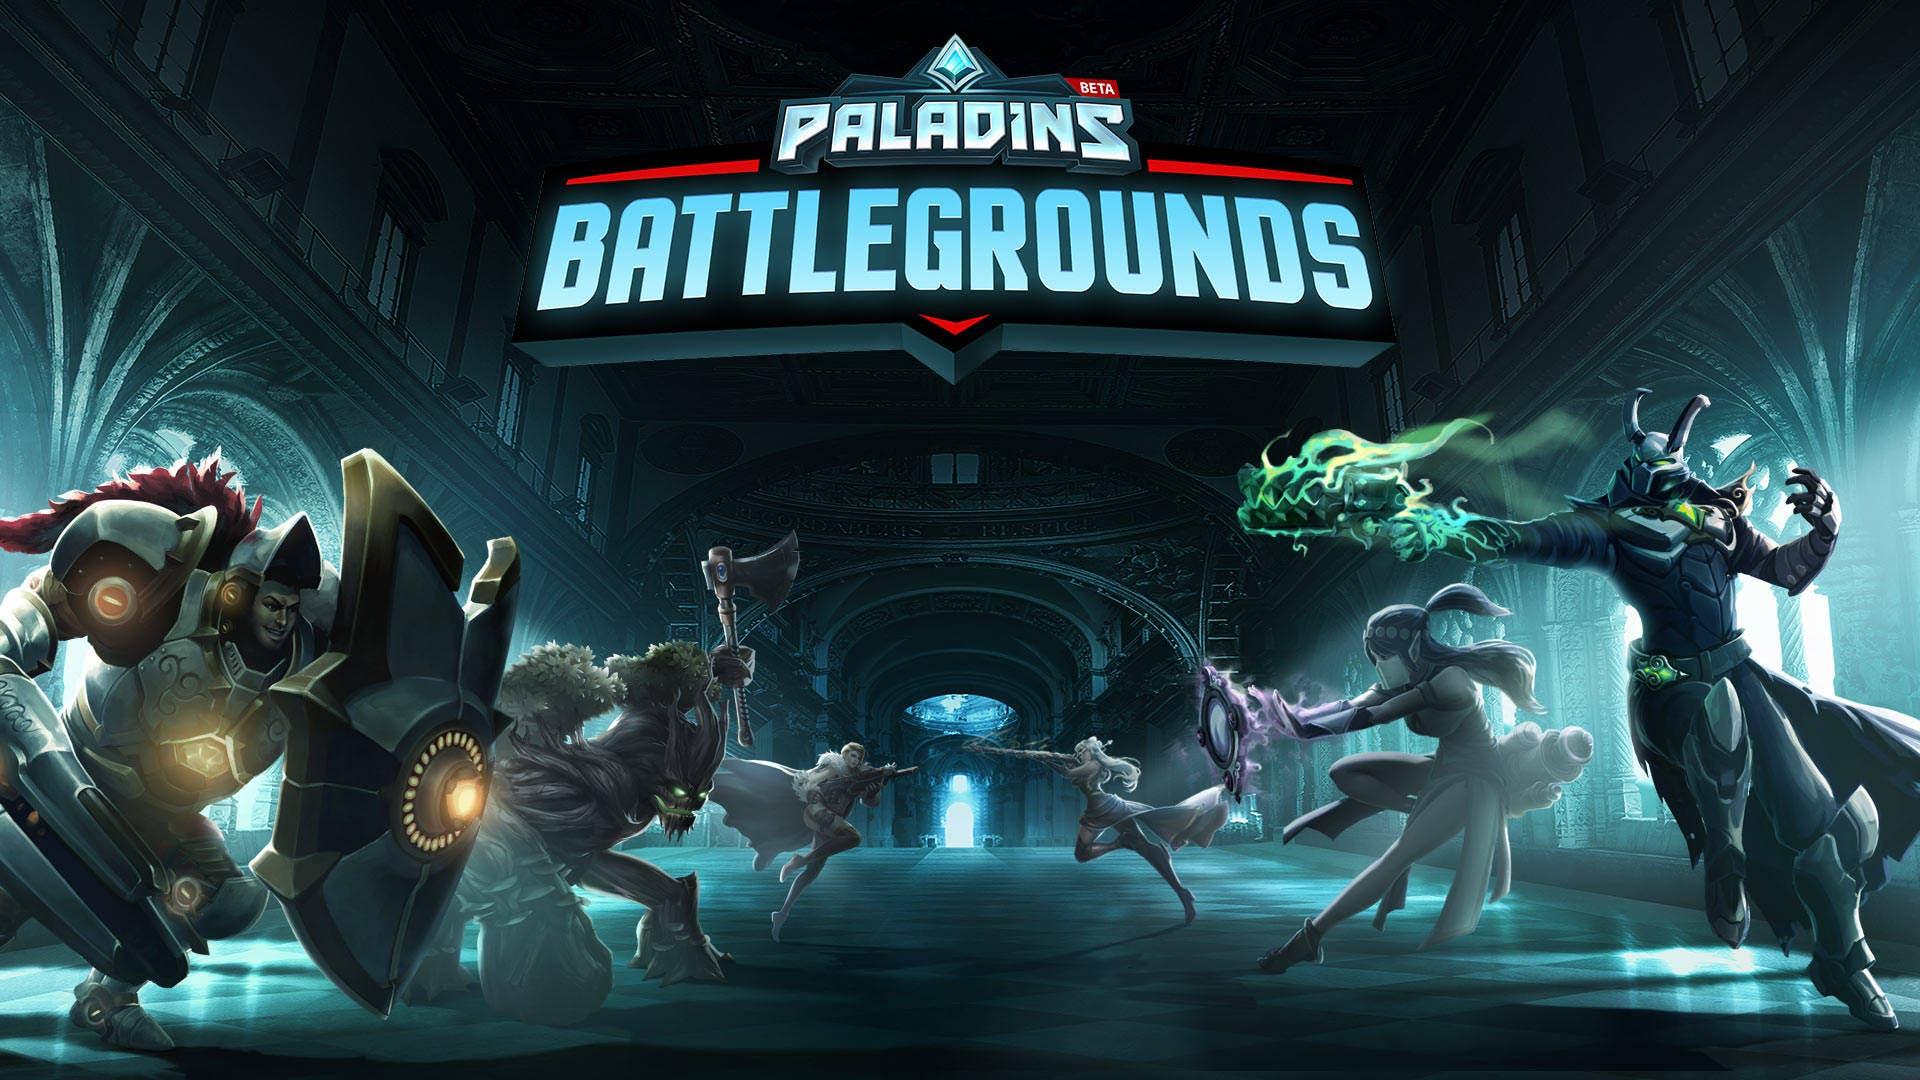 5 juegos battle royale para Xbox One en 2018 2